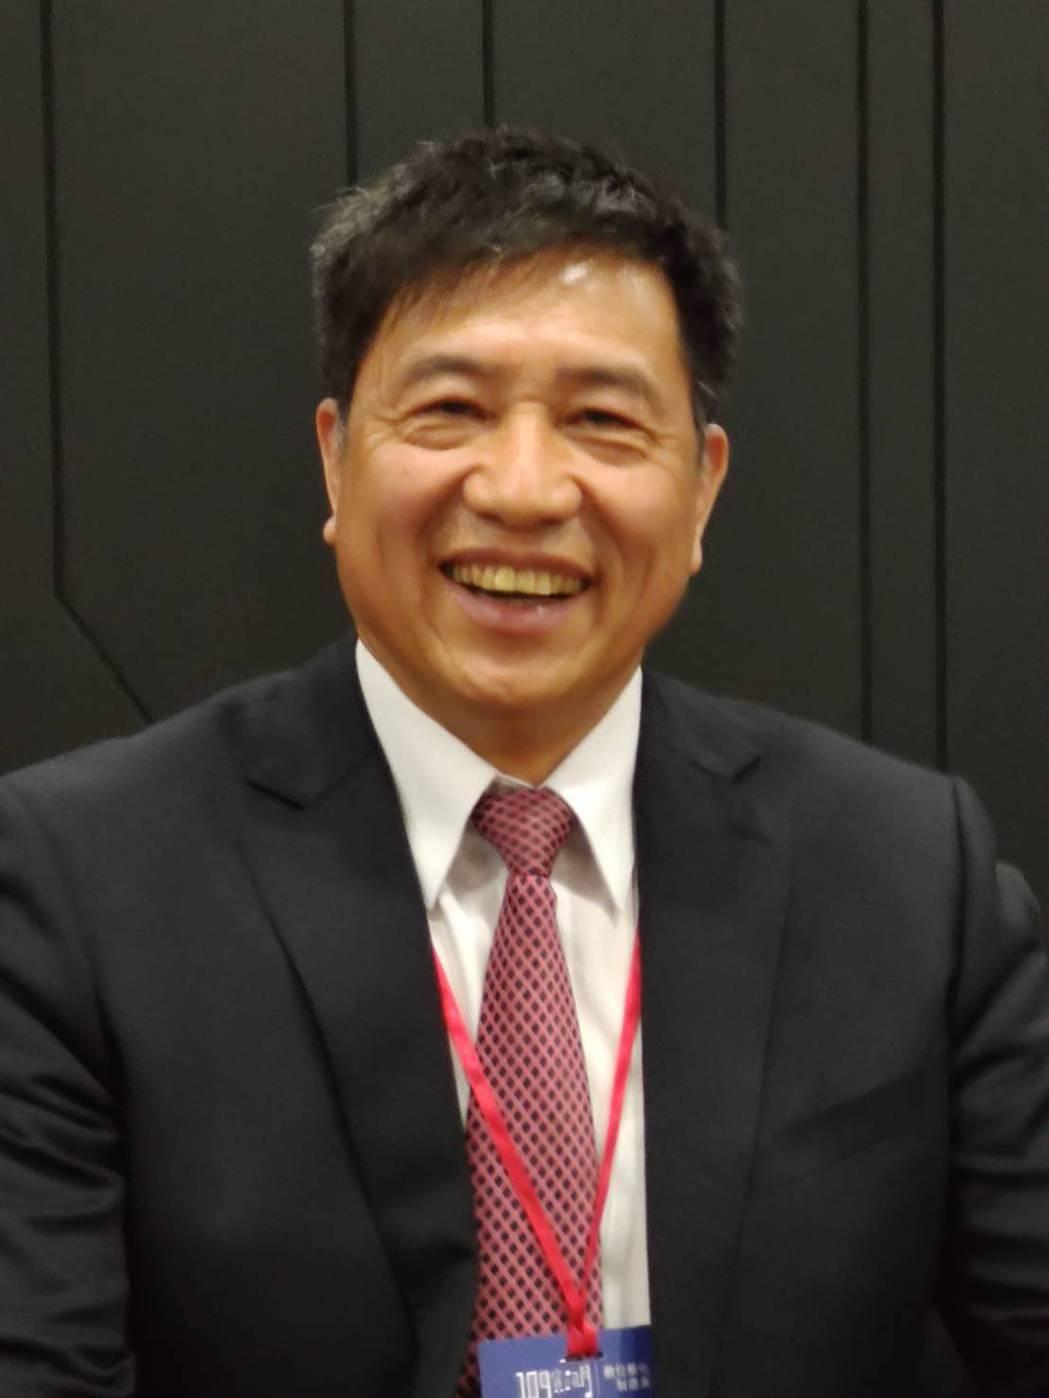 台北市電腦公會理事長彭双浪在109年資訊月開幕典禮致詞表示,今年資訊月三項重點,...